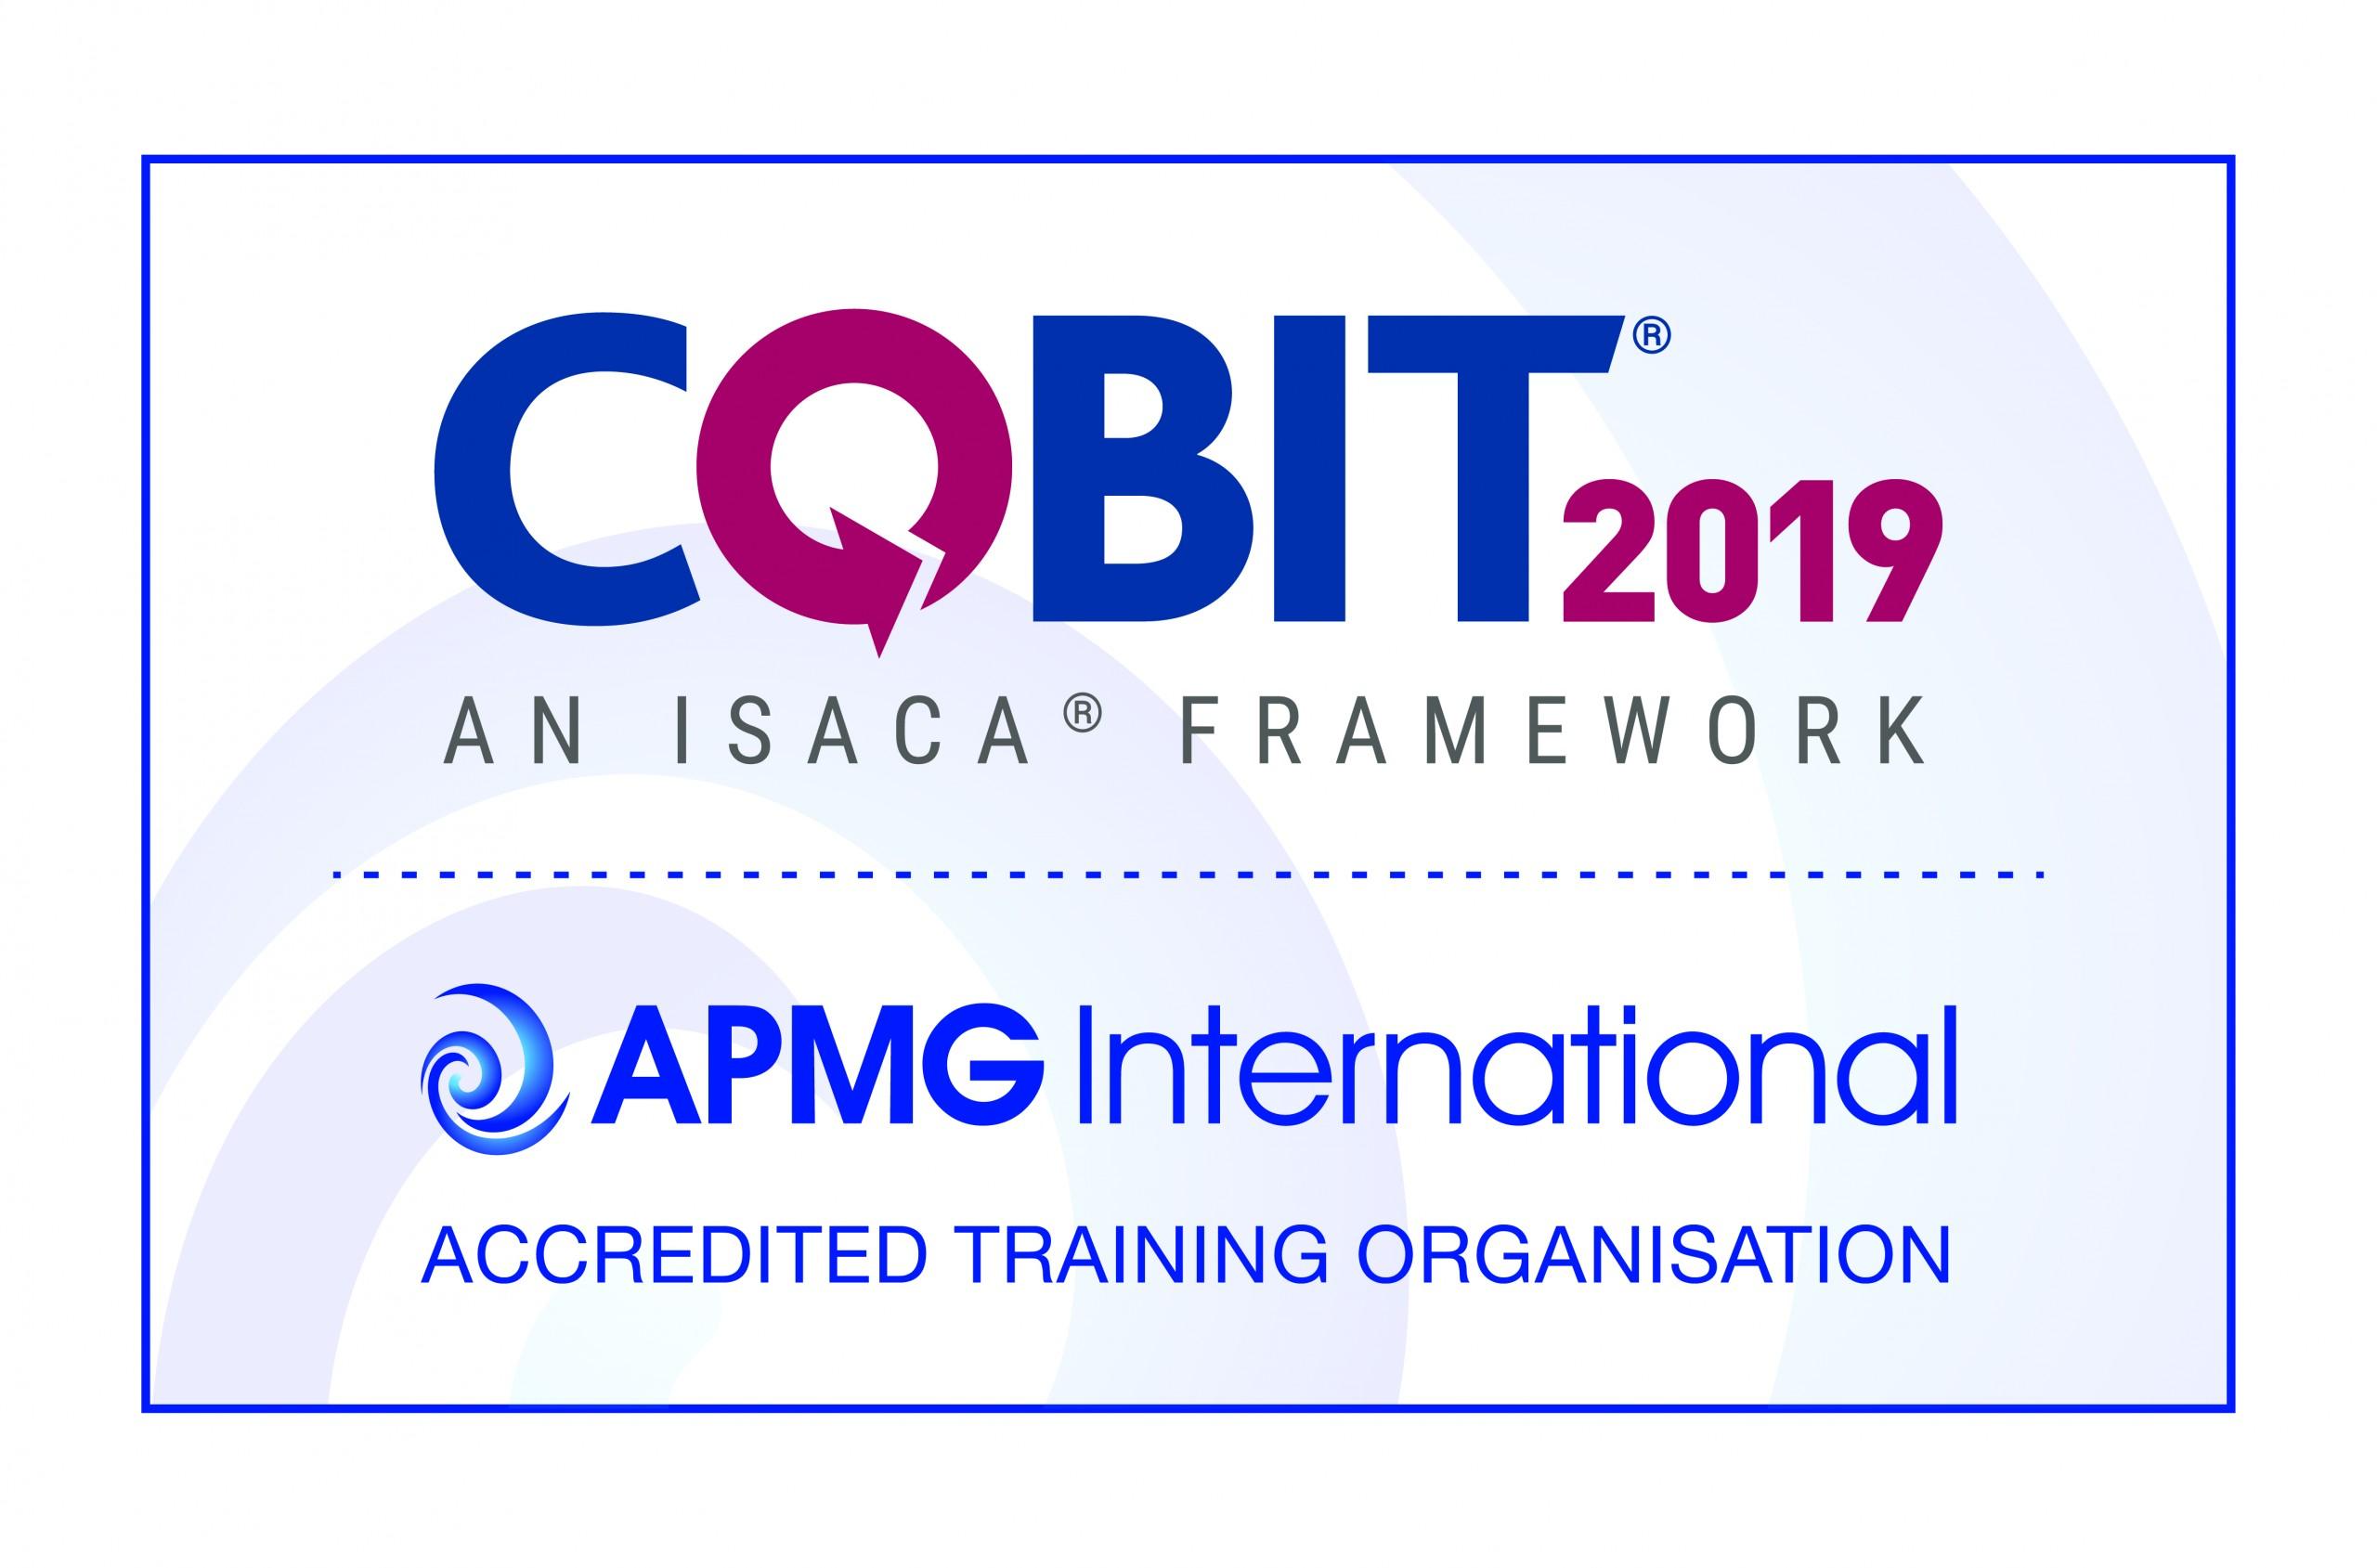 Certification COBIT 2019